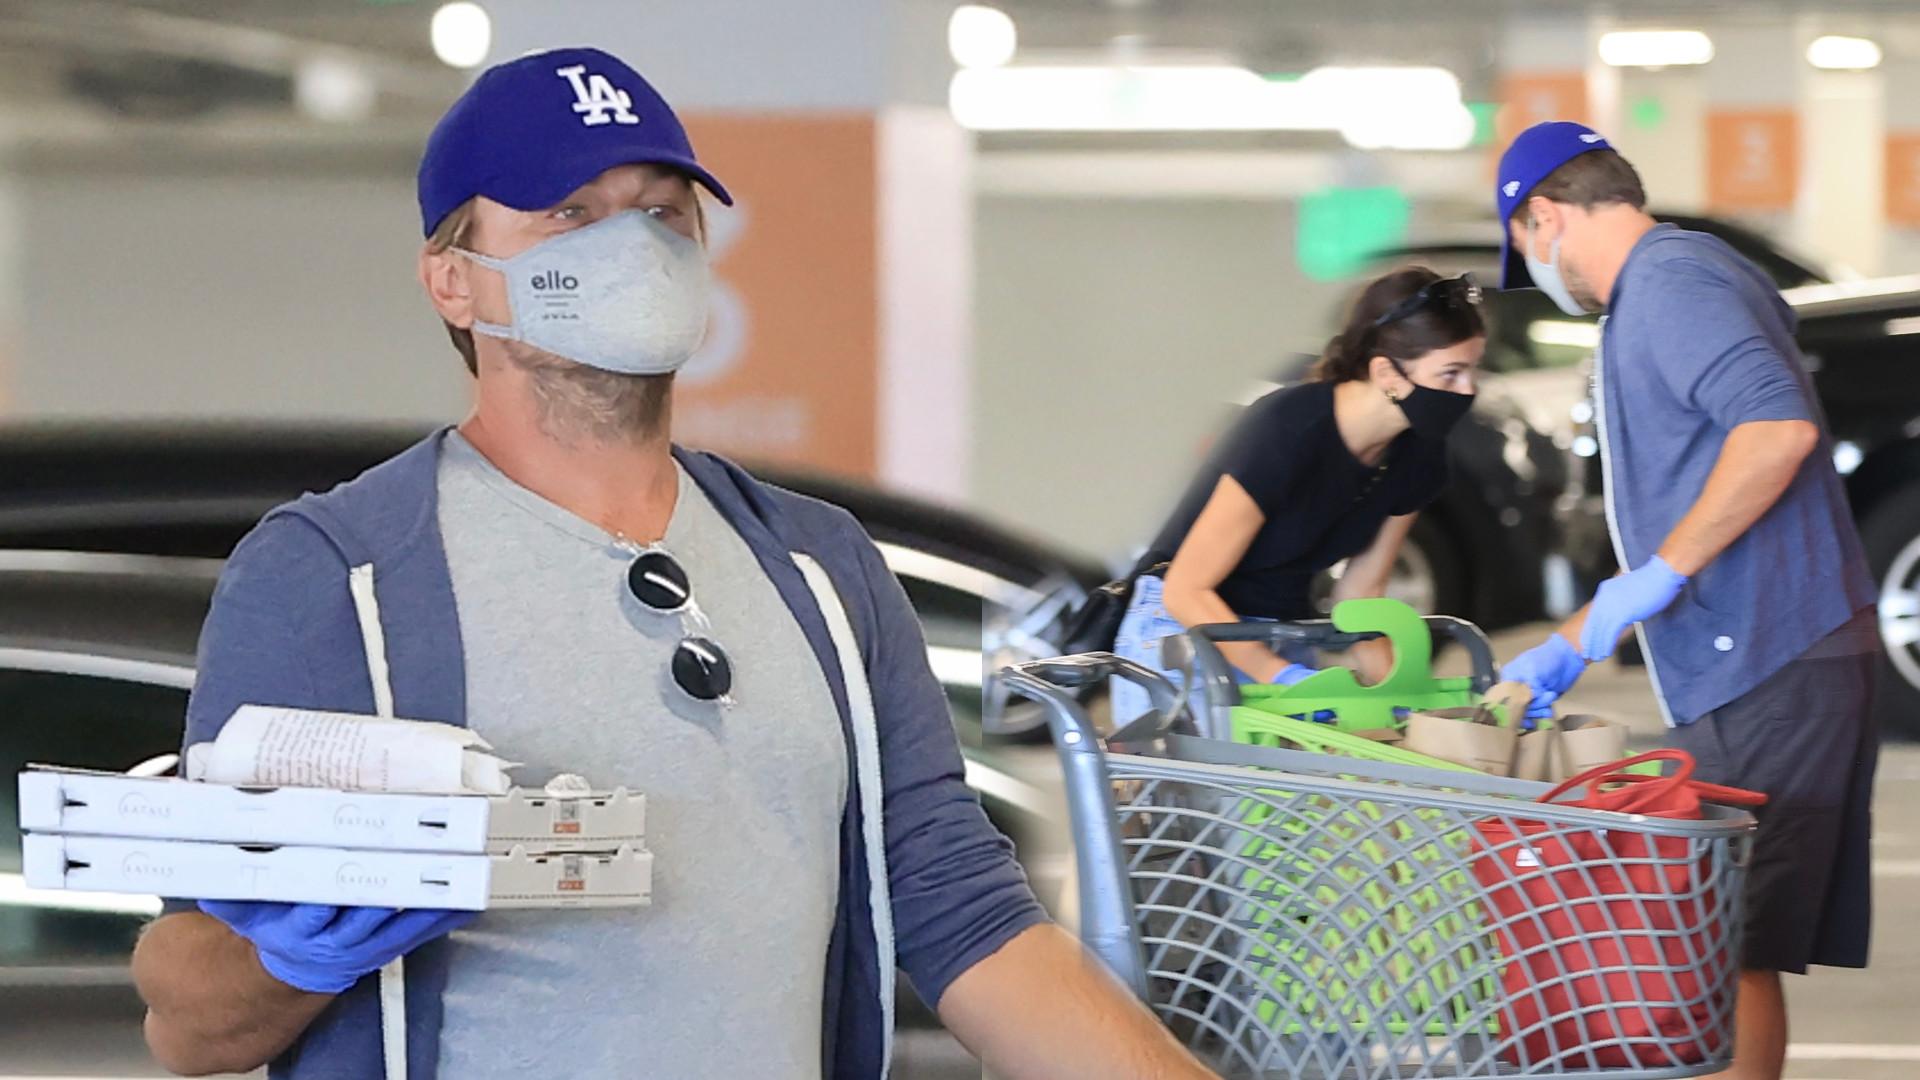 Leonardo DiCaprio przyłapany z dziewczyną na zakupach spożywczych. Żywią się głównie PIZZĄ